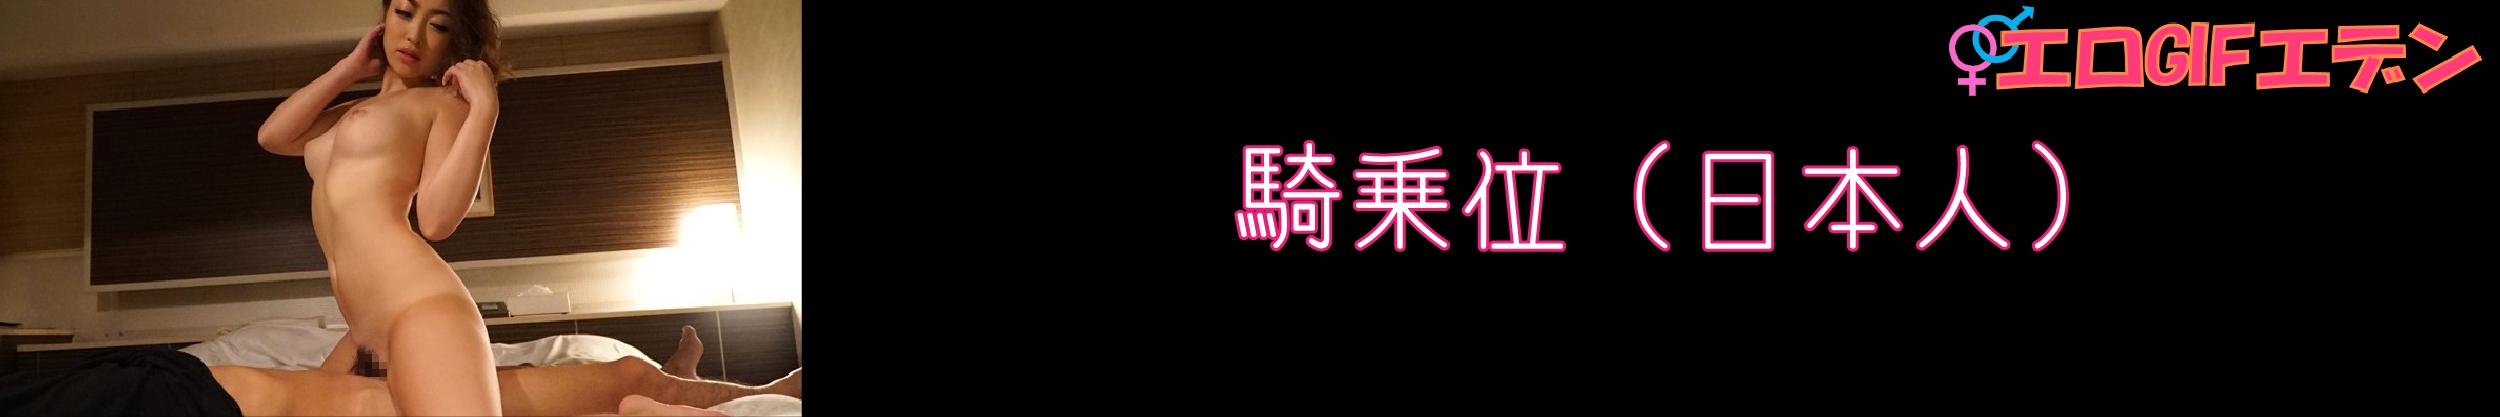 騎乗位(日本人)_アートボード 1_アートボード 1_アートボード 1_アートボード 1_アートボード 1